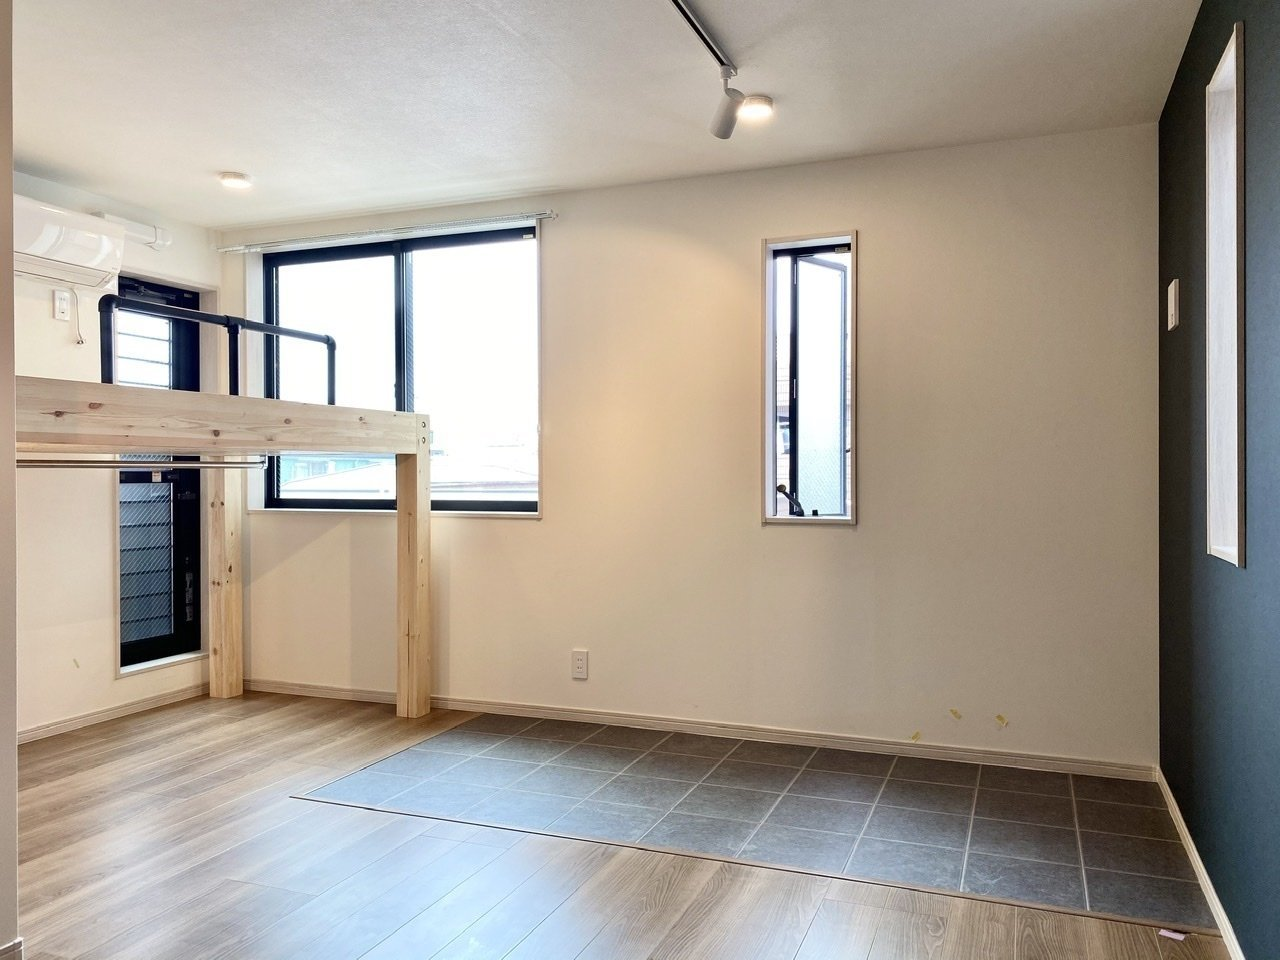 特急に乗れば新宿までおよそ30分で到着する、立川。9.6畳の比較的広めの1Kタイプのお部屋です。落ち着いた色合いのフローリングと、土間のようなタイル張りのスペースがいいですね。